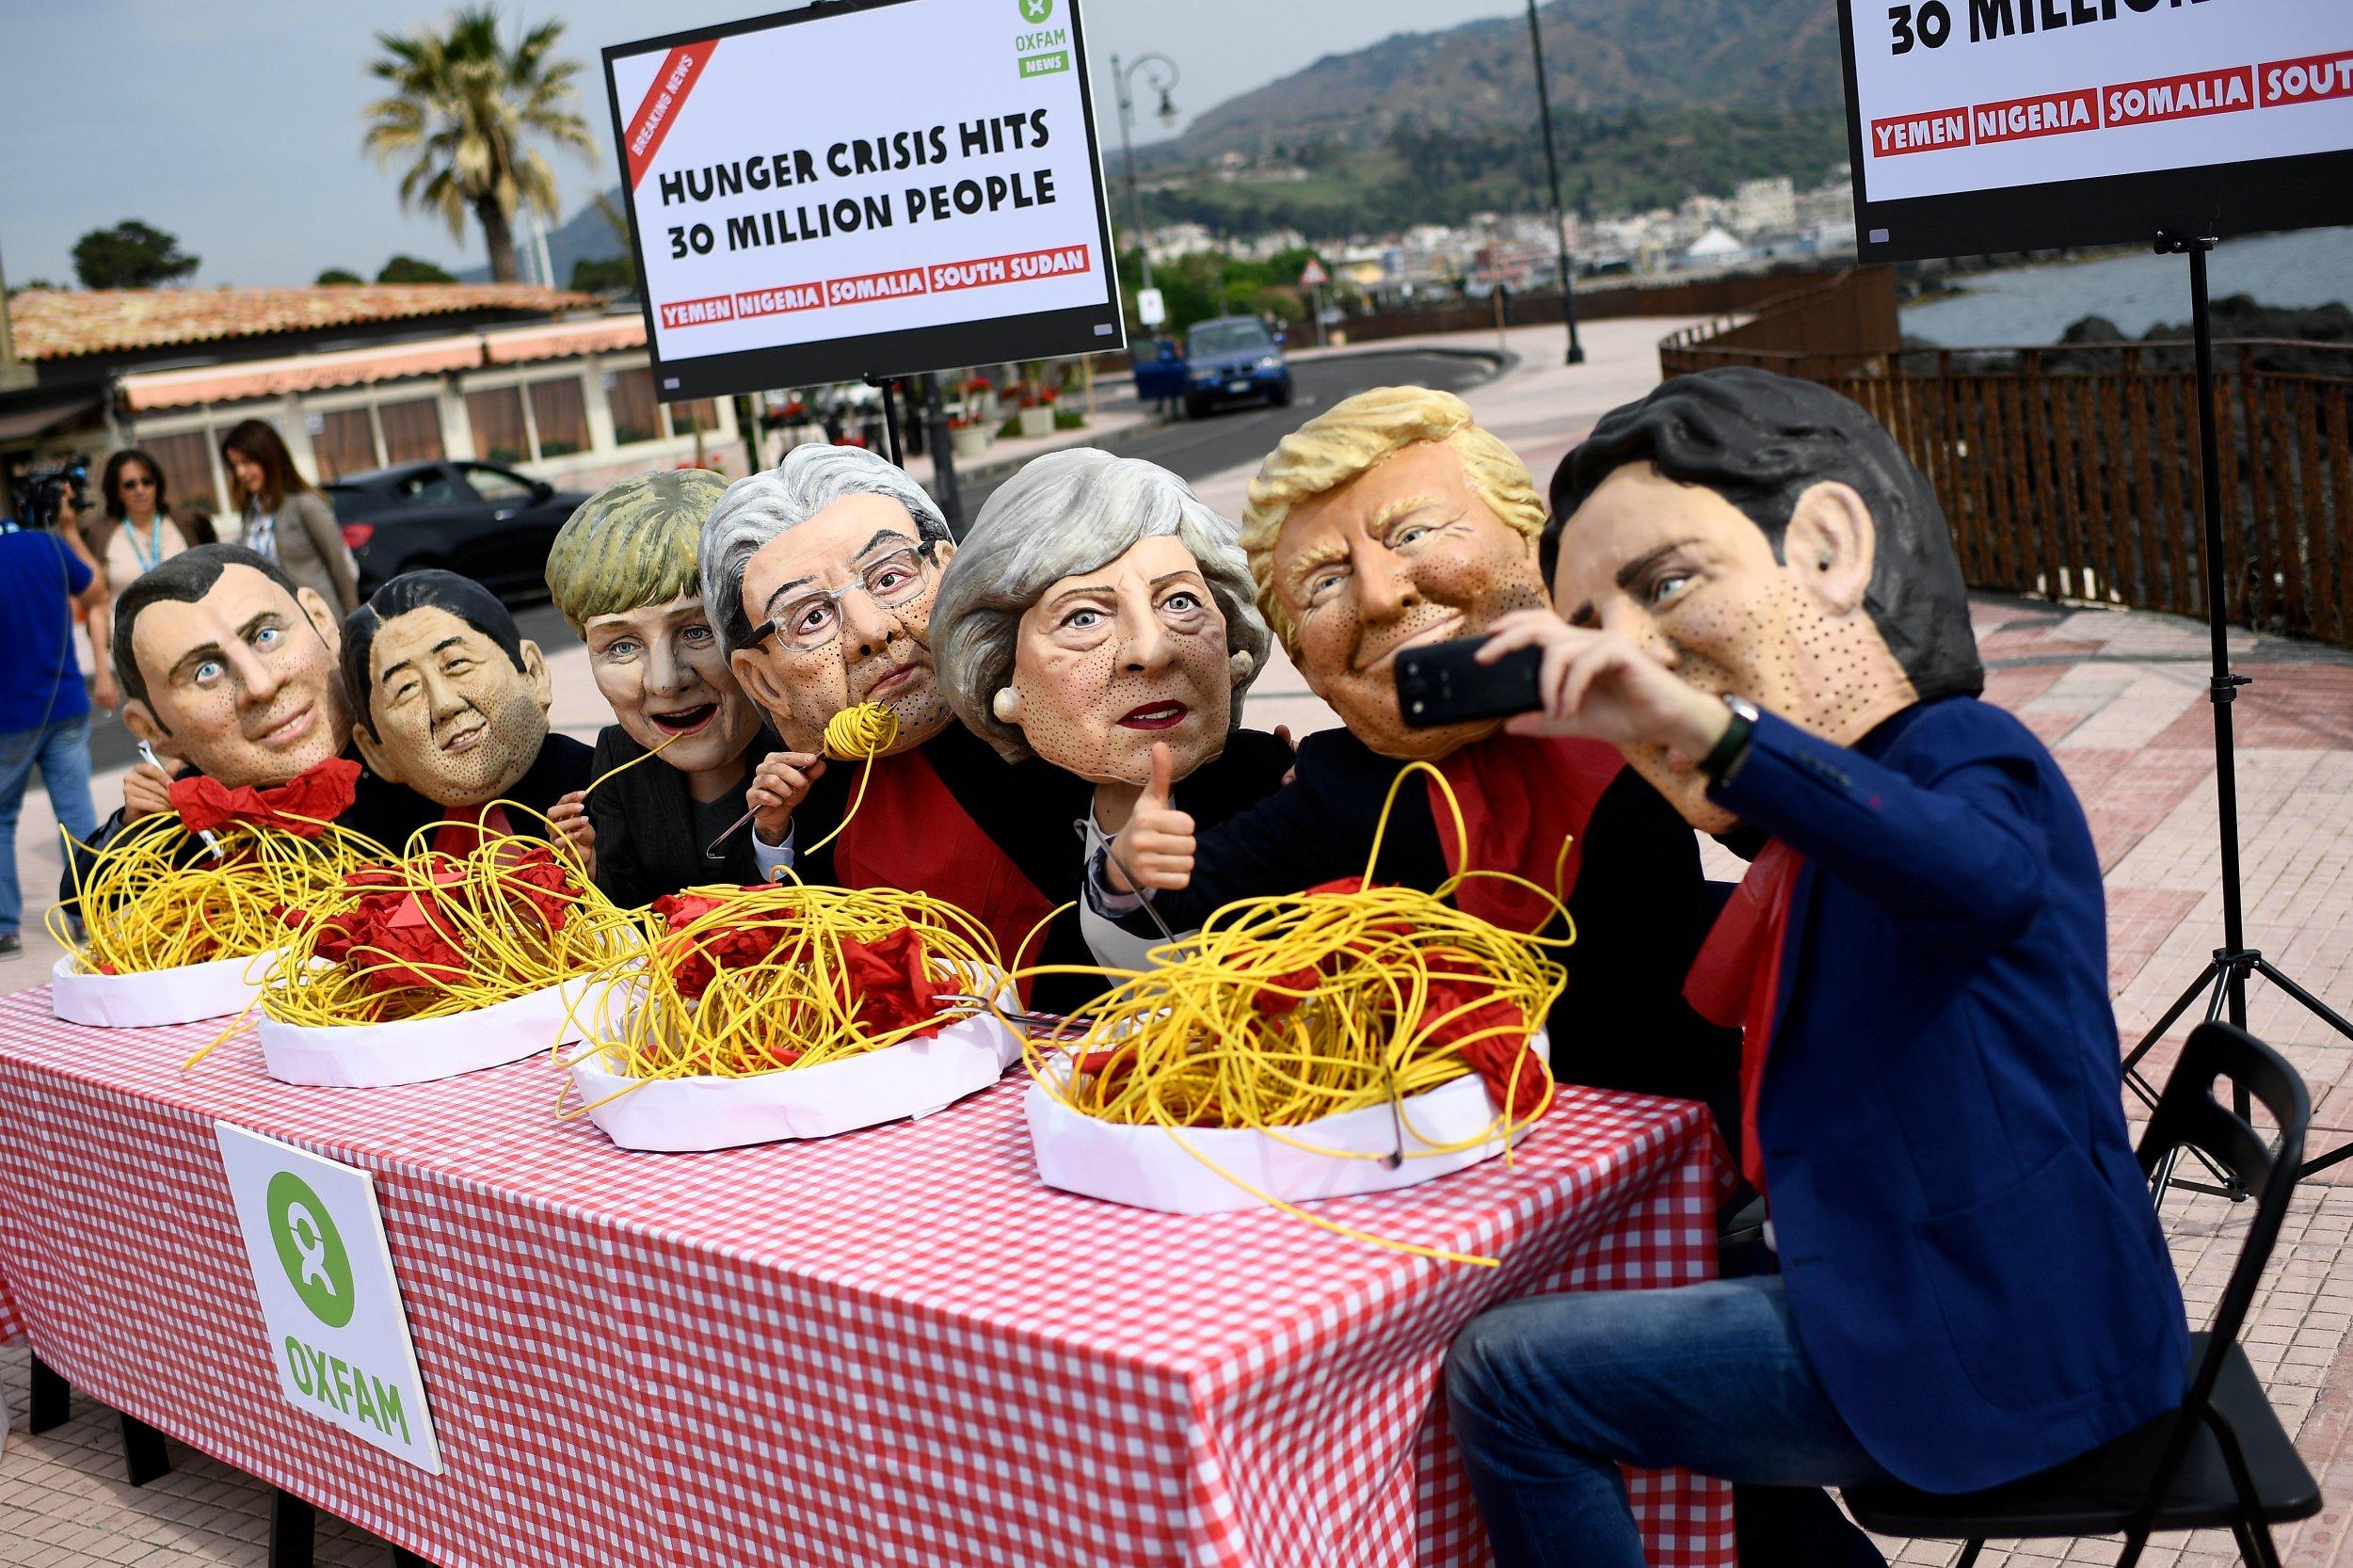 Mockery of G7 leaders